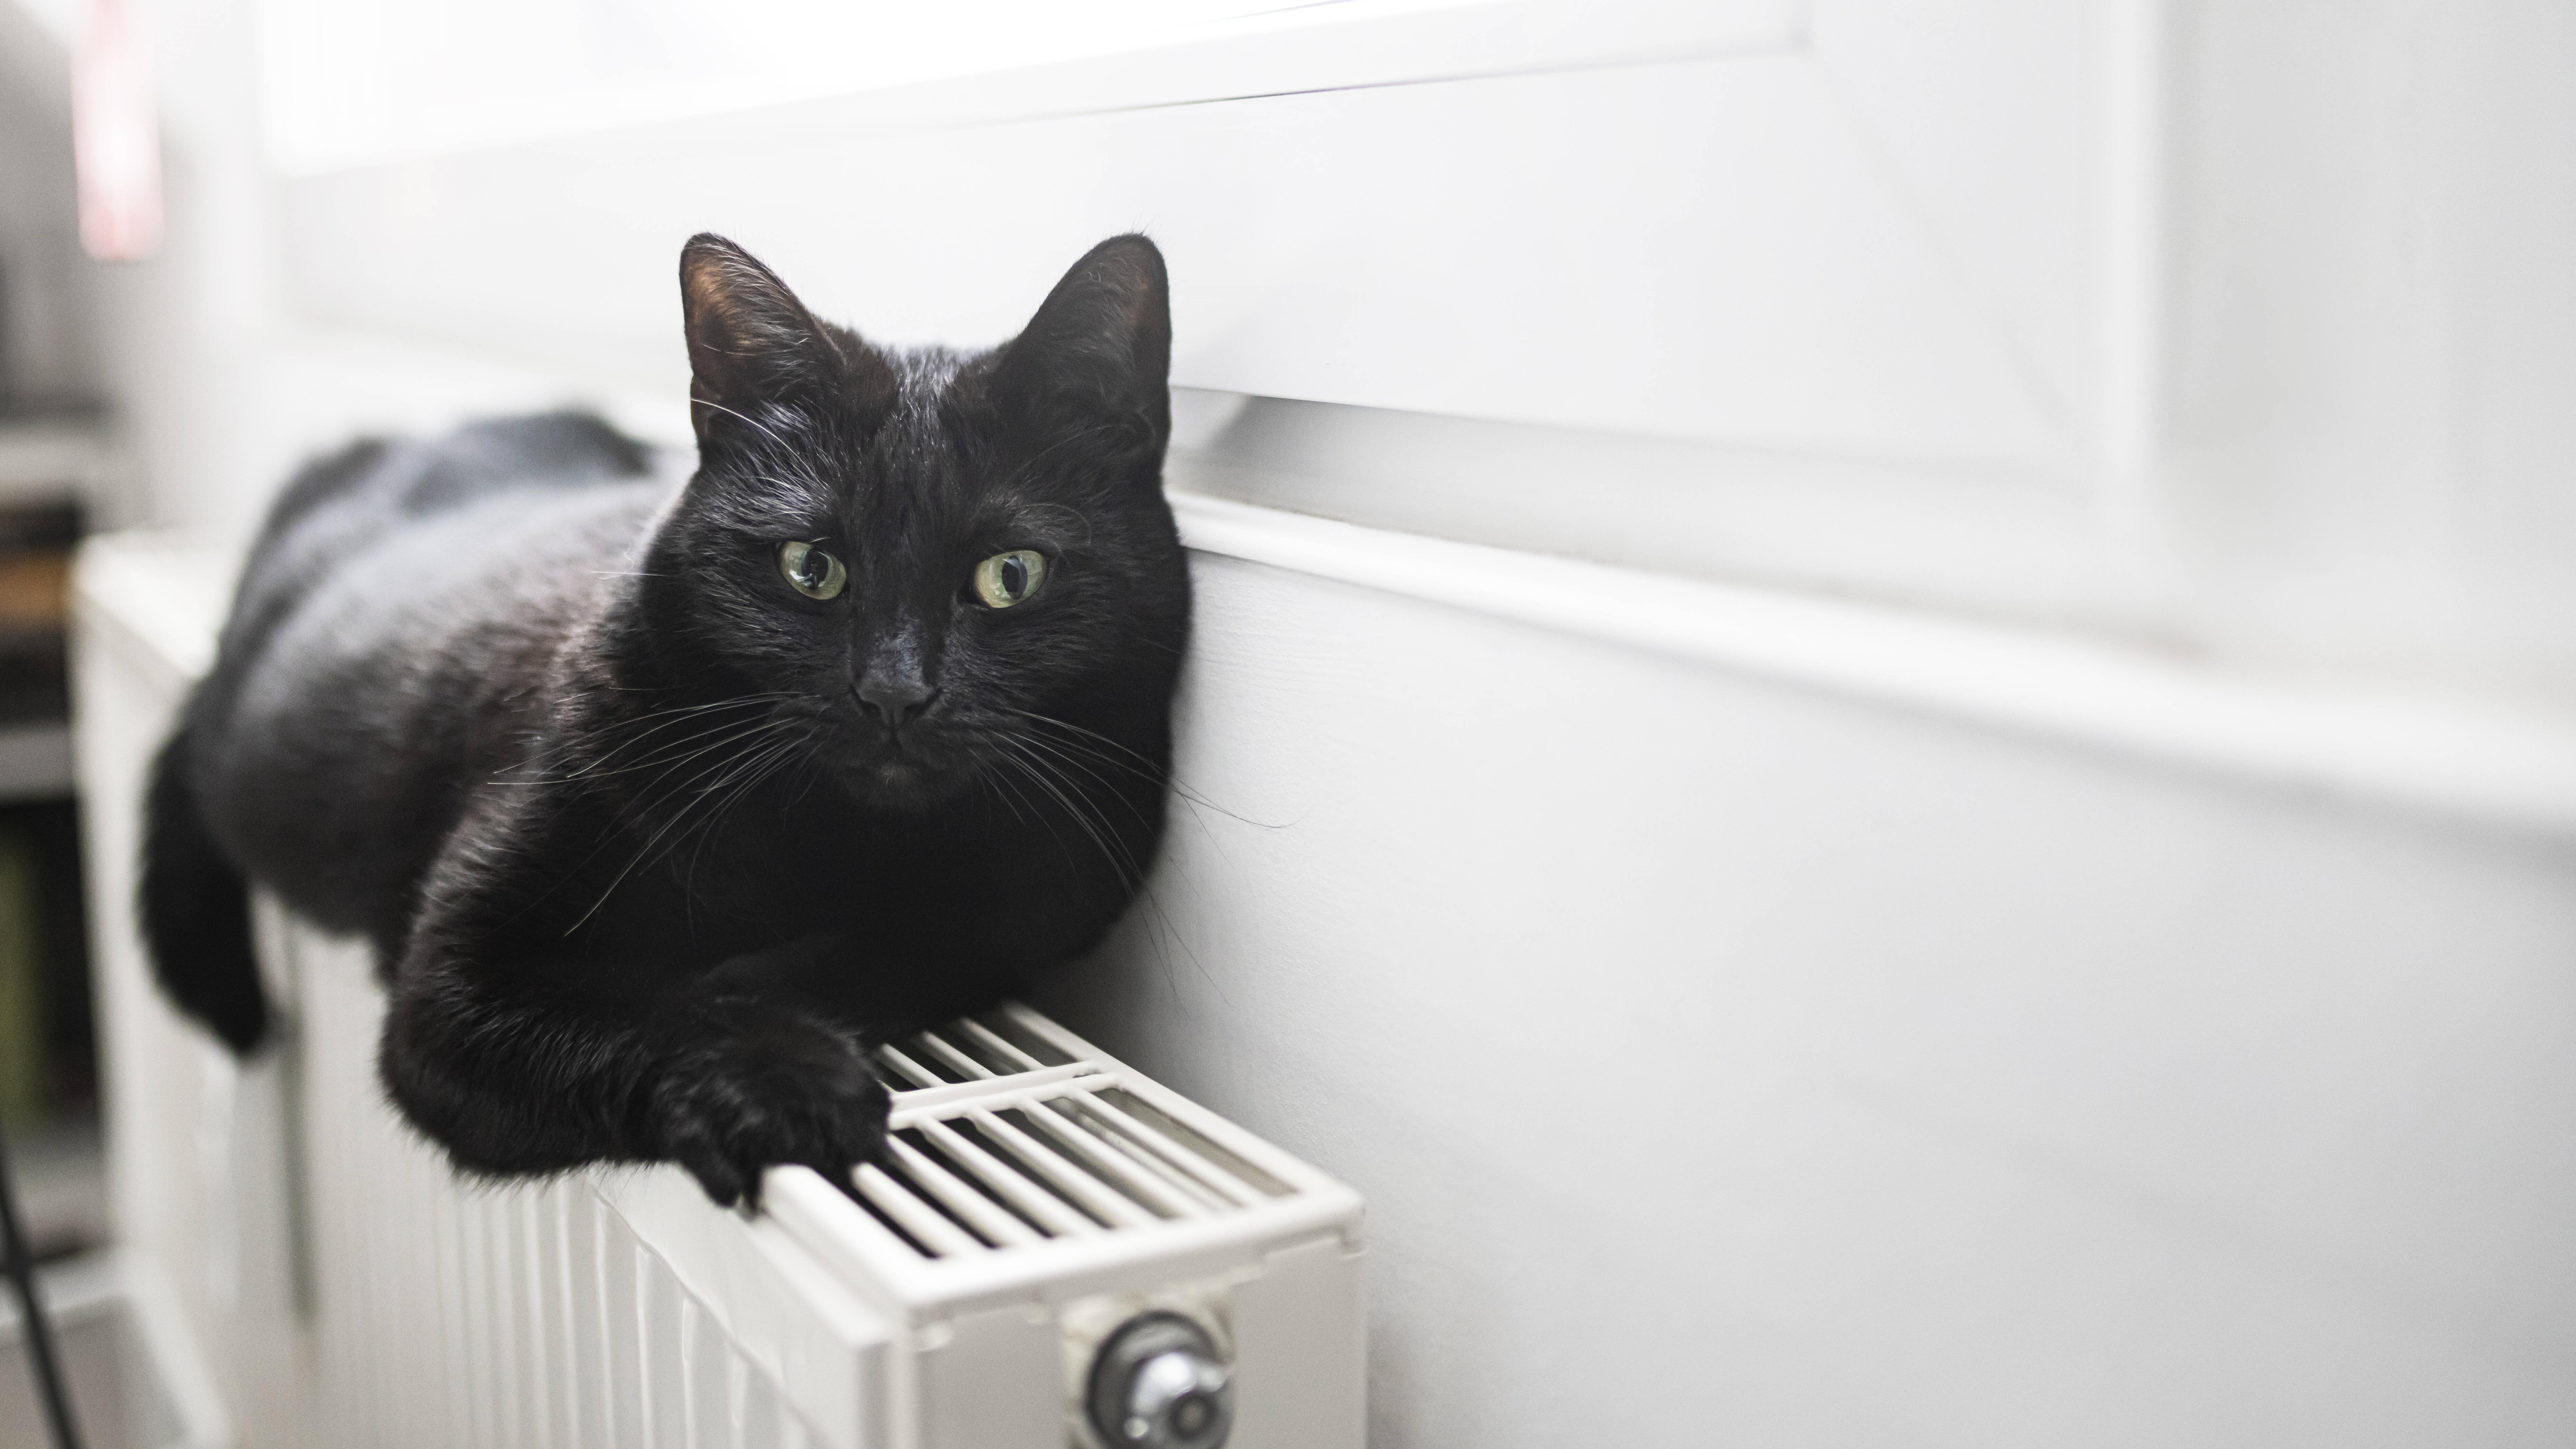 Schwarze Katze von links: Daher kommt der Aberglaube